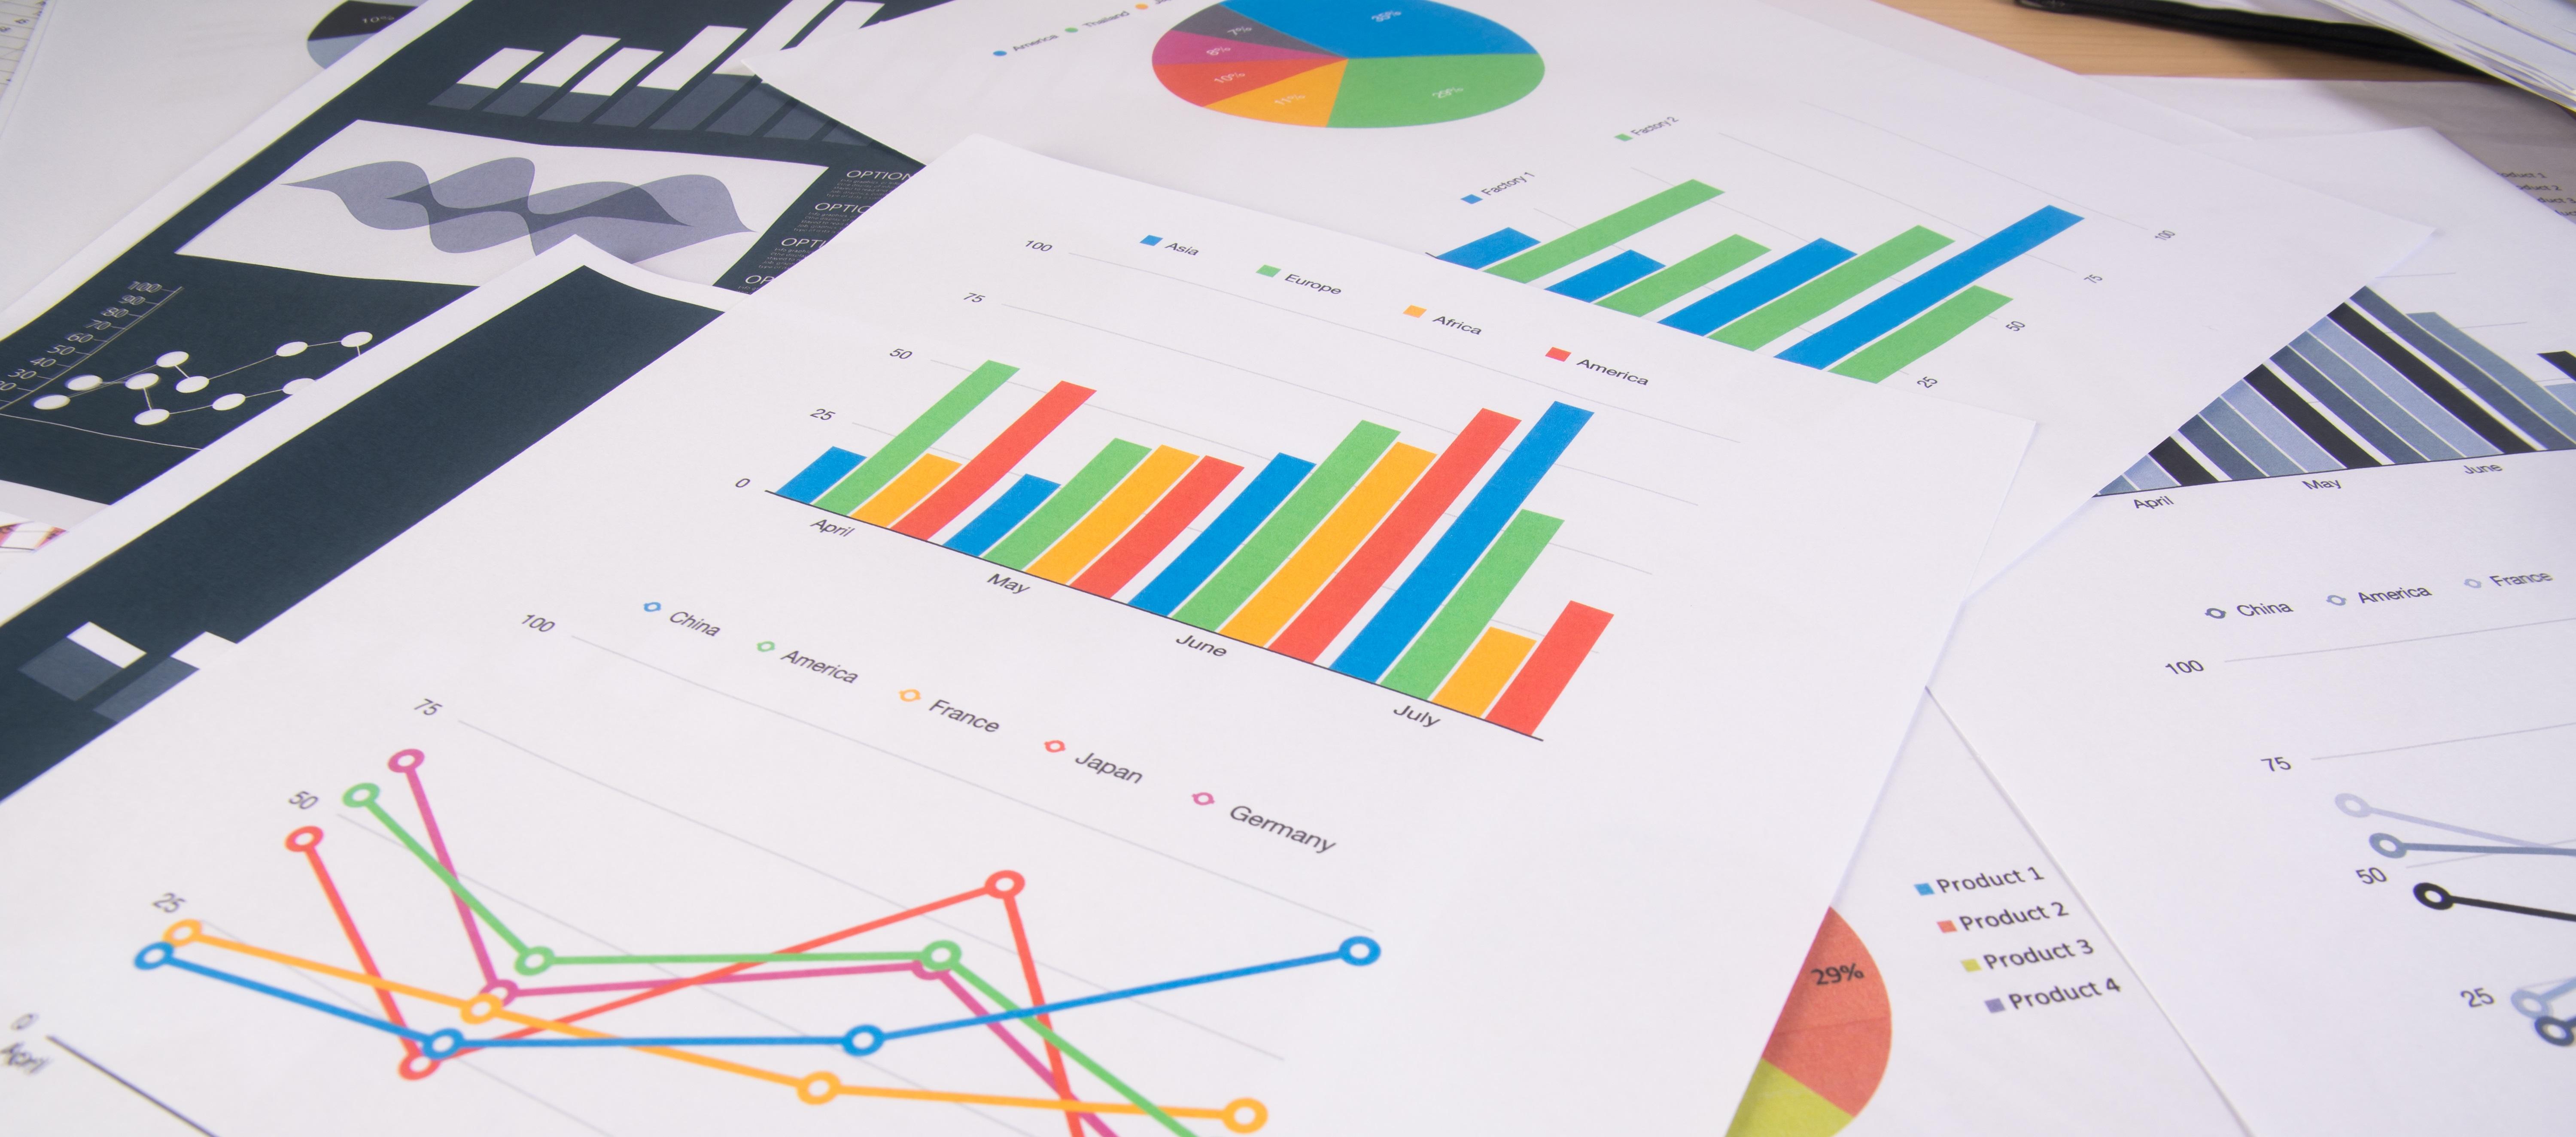 Phân tích phản hồi khách hàng là bước quan trọng trong quá trình tối ưu email bất động sản